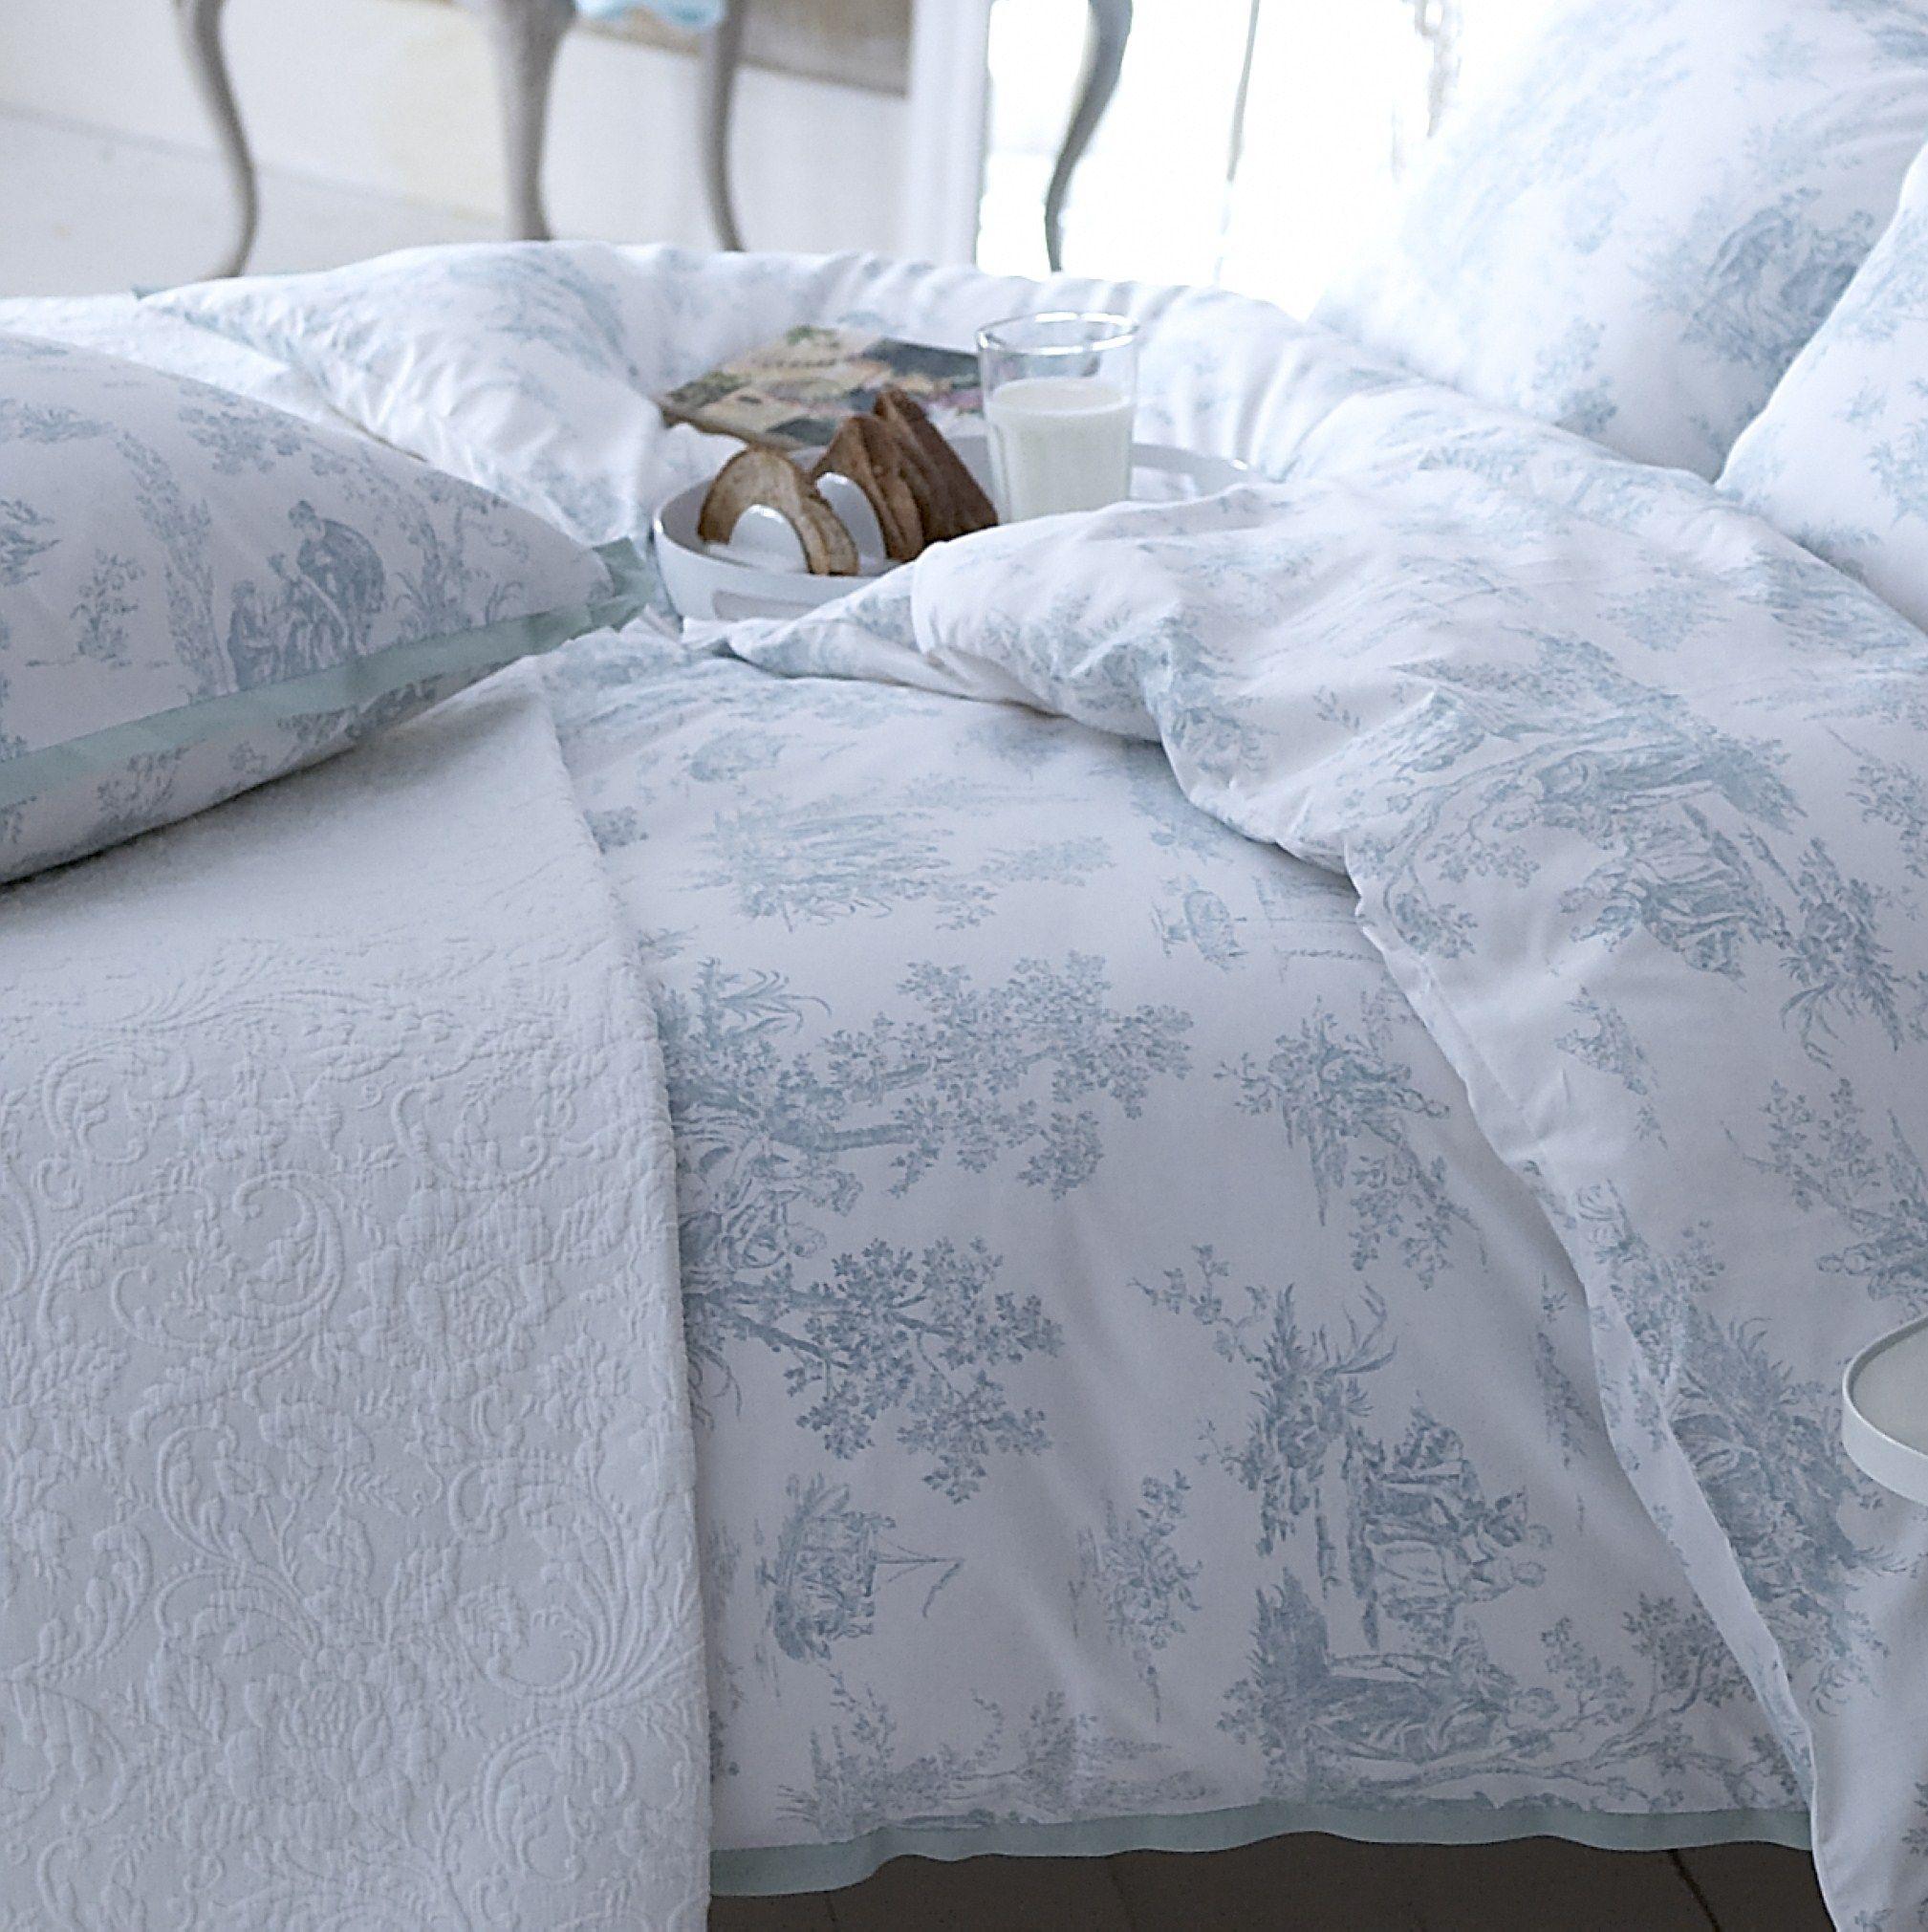 amazing country living pastorale toile de jouy duck egg duvet cover with linge de lit toile de jouy. Black Bedroom Furniture Sets. Home Design Ideas